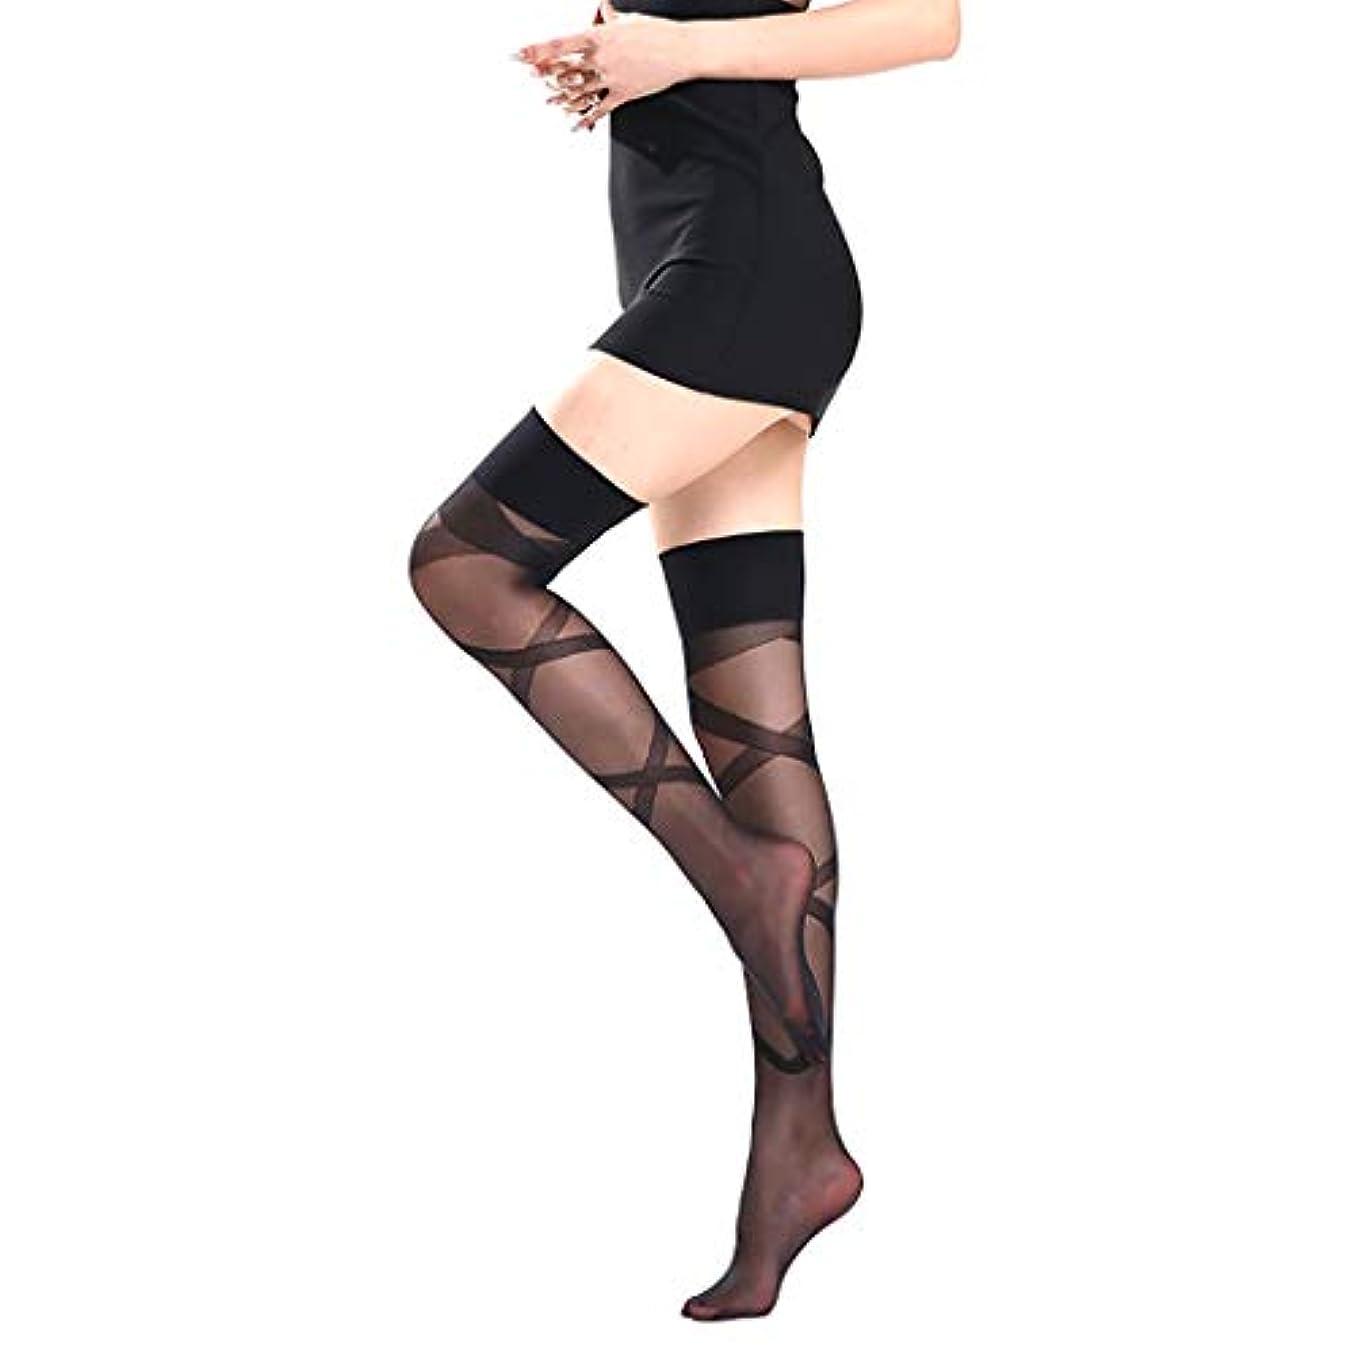 休戦広範囲大使女性のストッキング、セクシーな絹のようなストッキングの腿の高いソックス、薄いレースのトップ補強つま先のストッキング、シリコーンのストッキング,黒,3 Pair